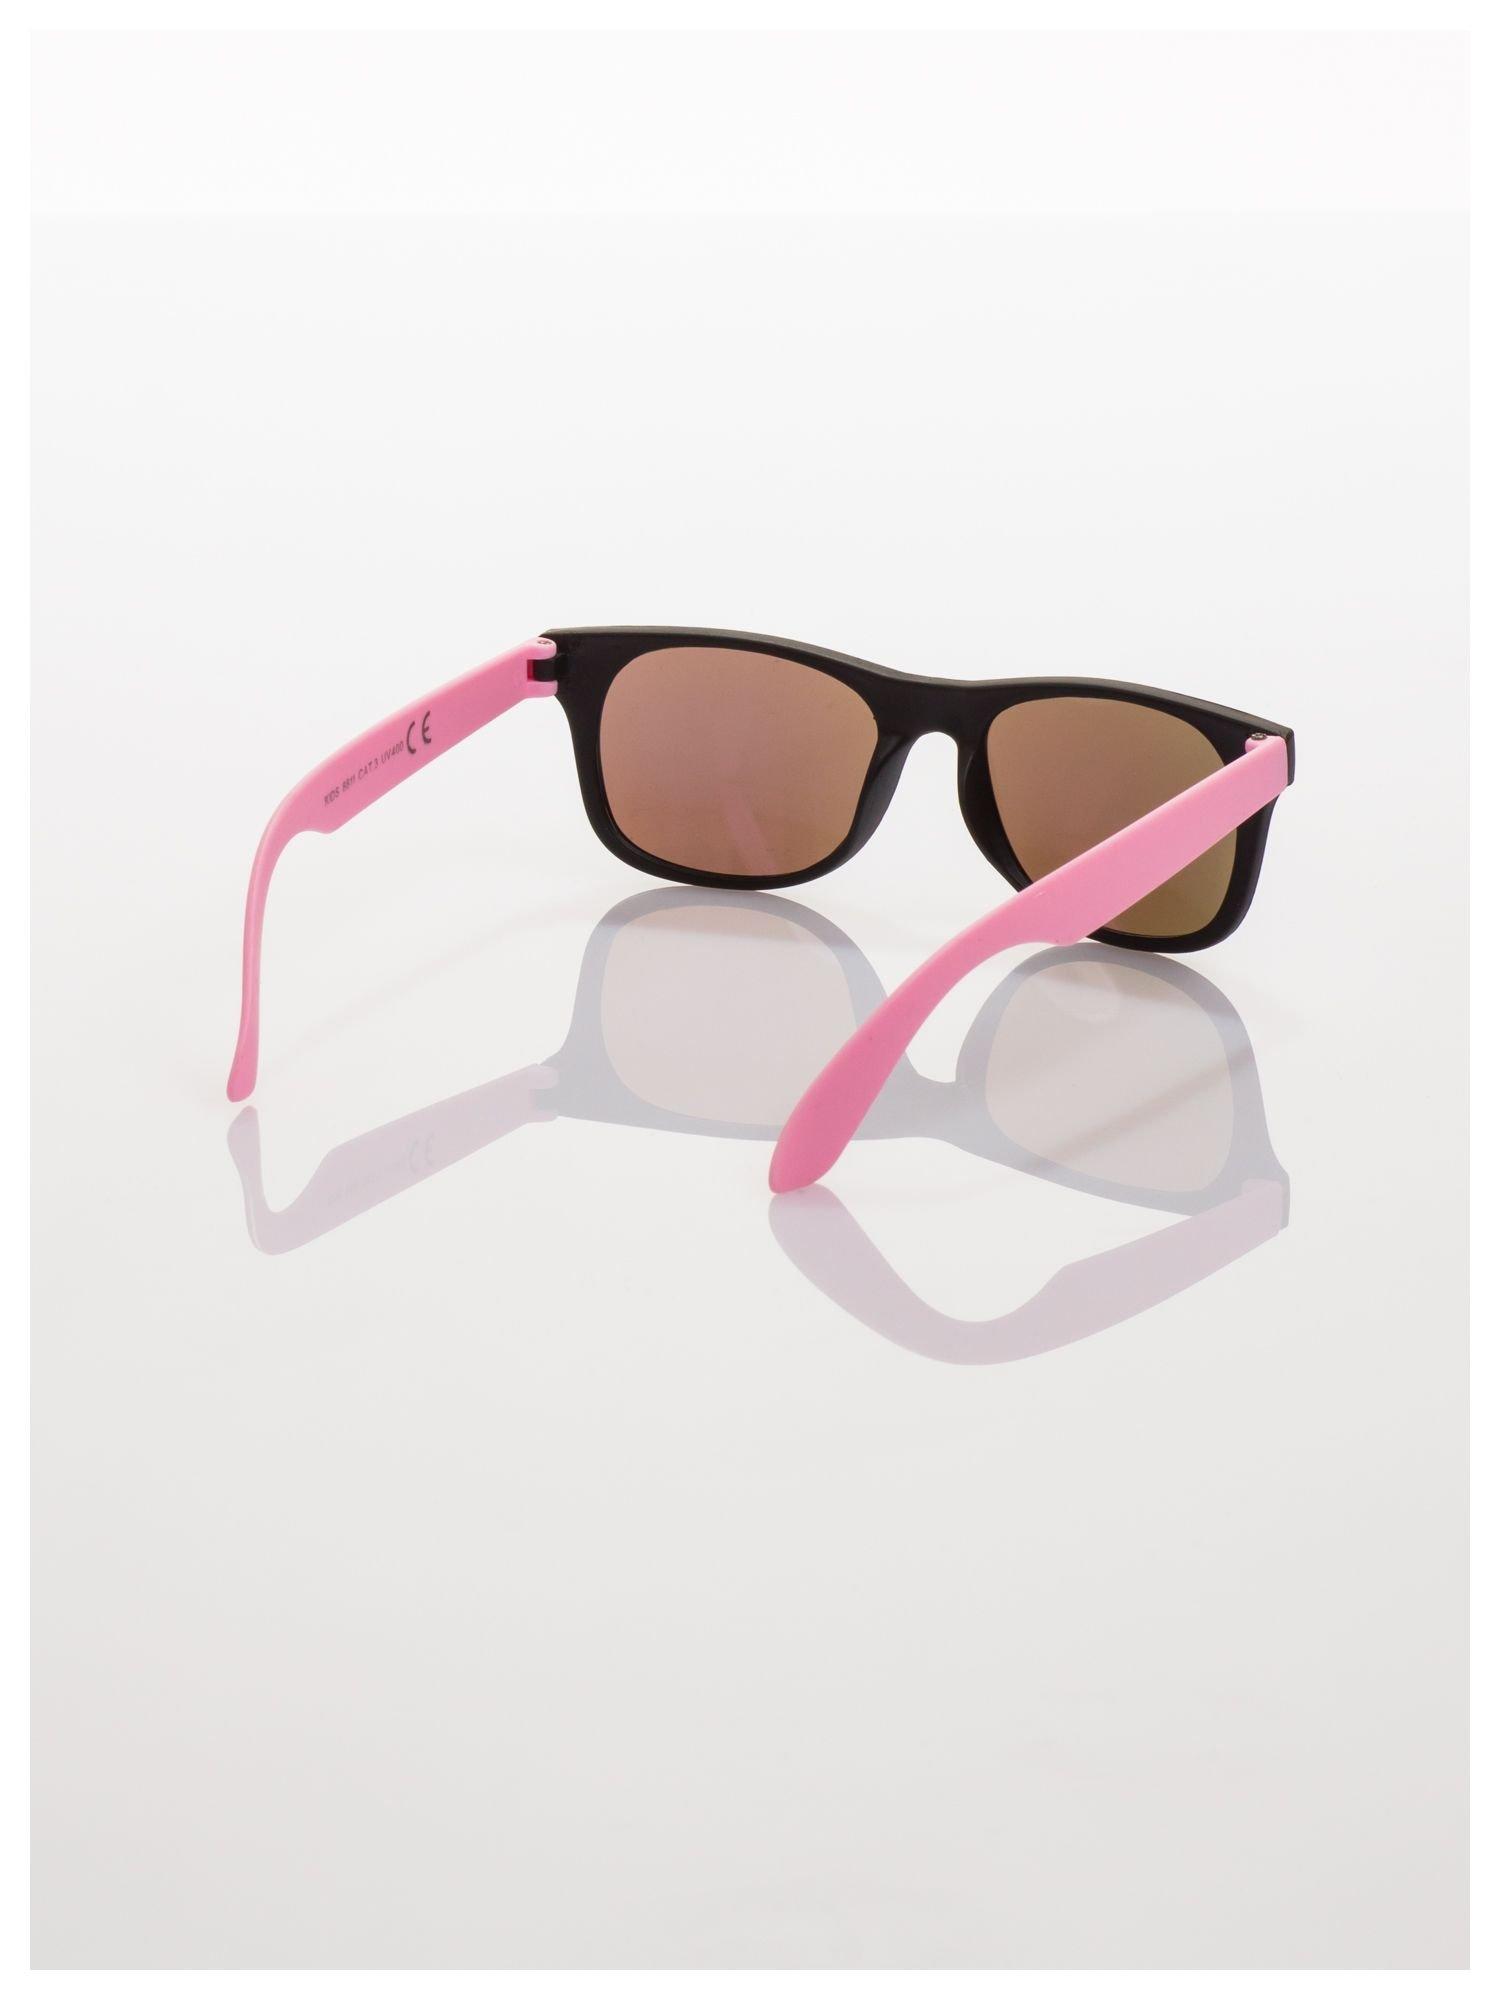 Dziecięce lustrzanki z filtrami UV okulary z klasyczną oprawką WEYFARER NERD odporne na wyginania                                  zdj.                                  3